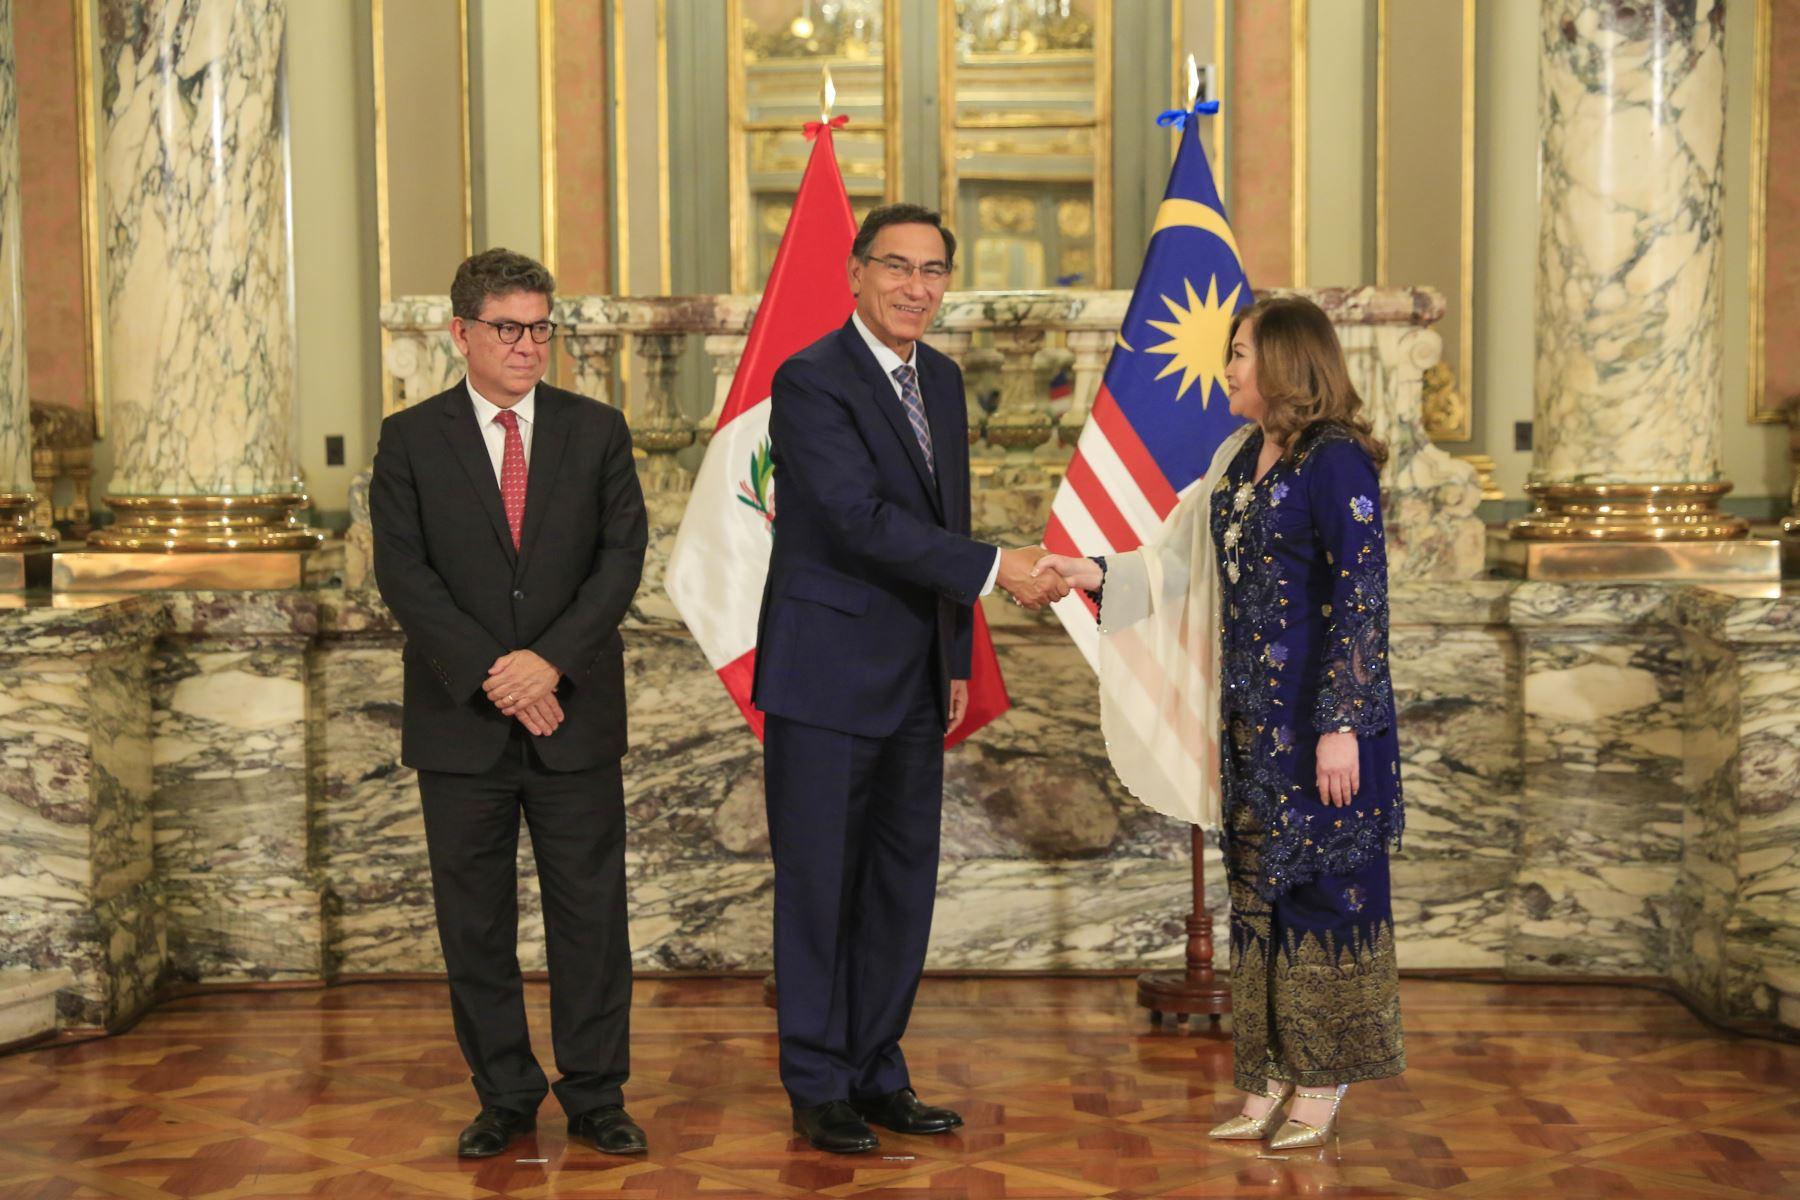 Presidente  Martin Vizcarra recibe carta credencial de nueva embajadora de Malasia, Fenny Nuli. Foto: ANDINA/Prensa Presidencia